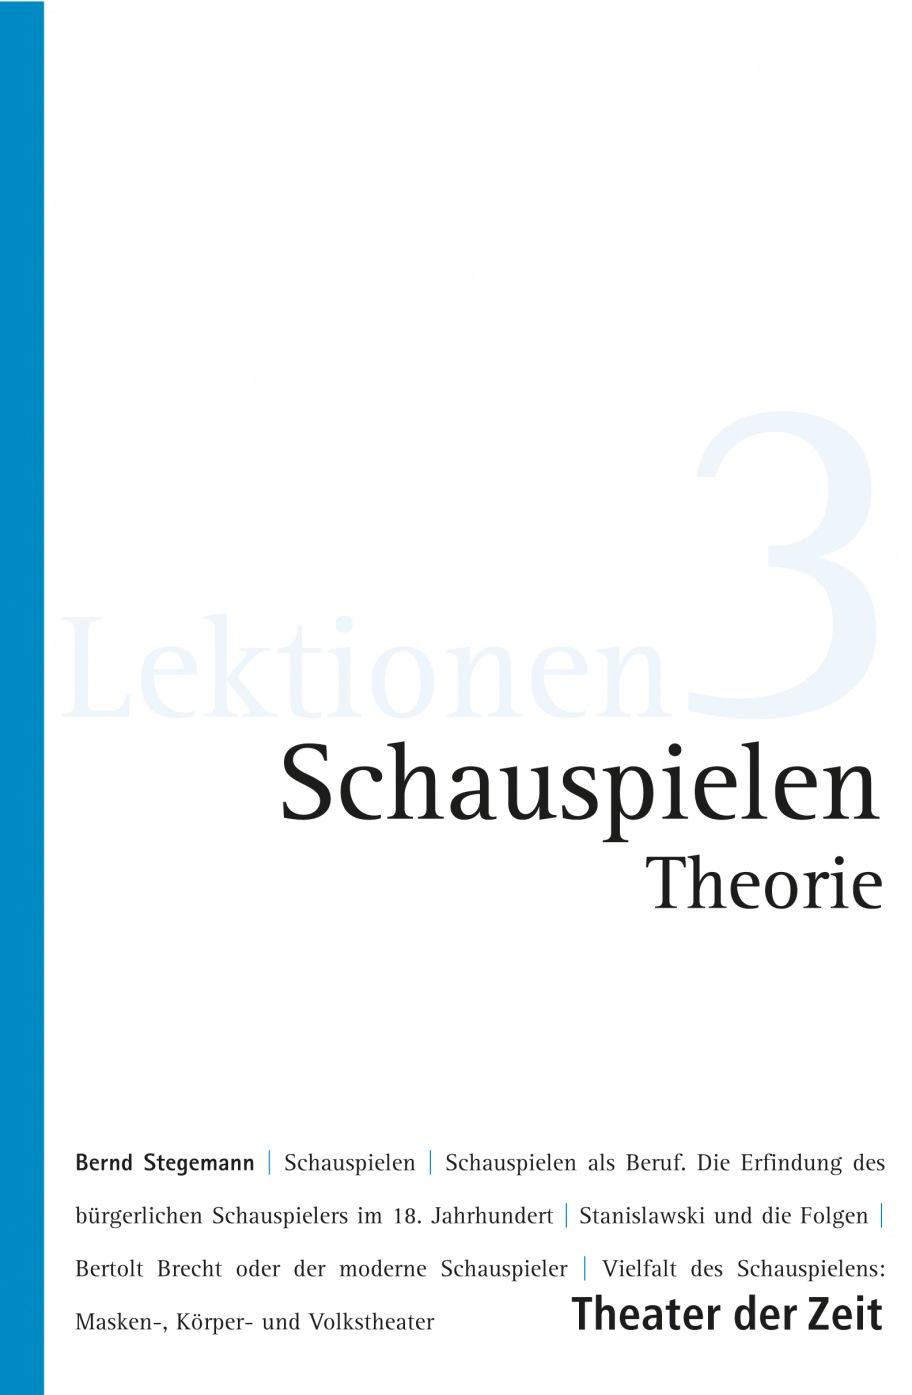 Bernd Stegemann: Schauspielen Theorie